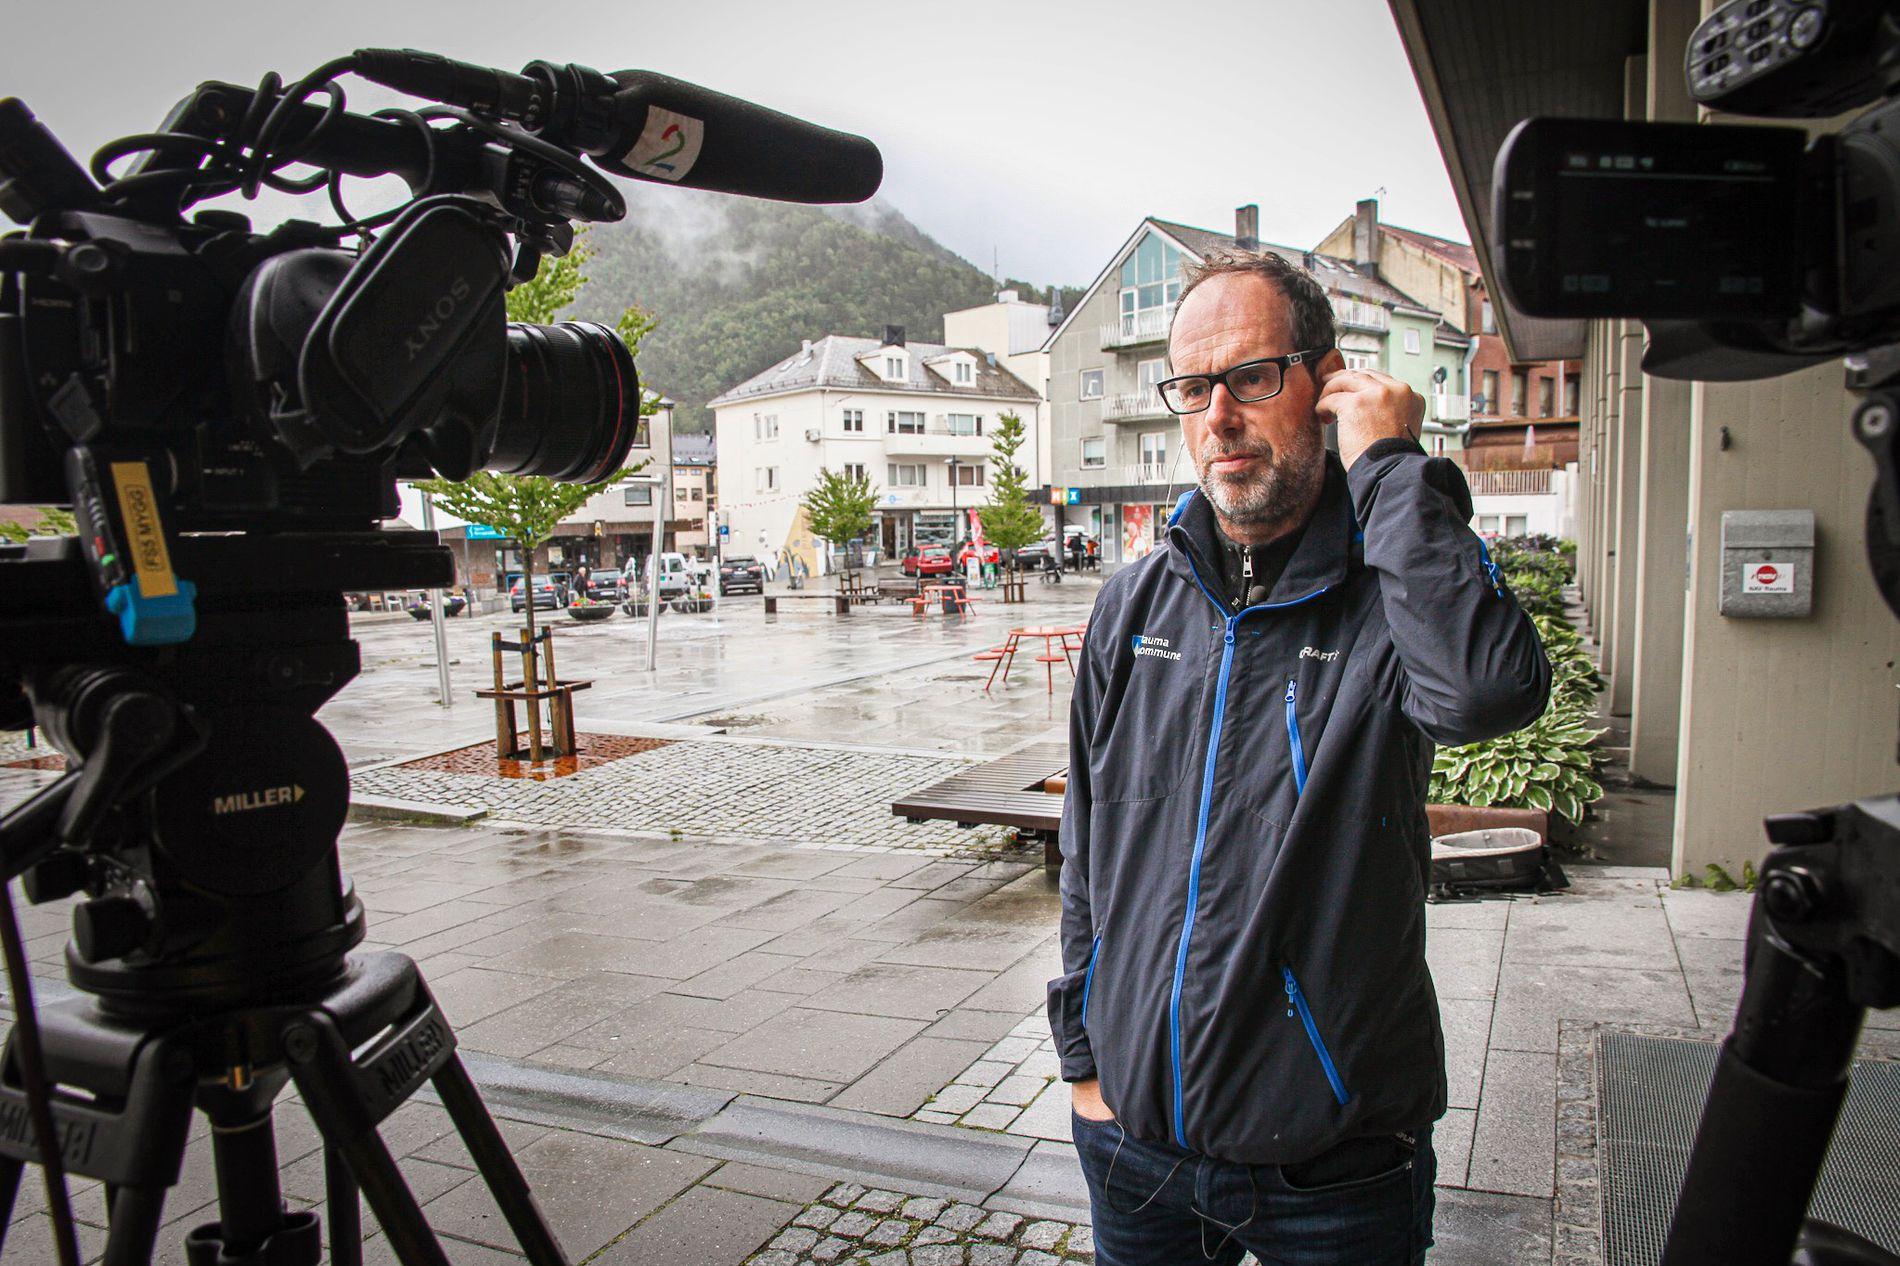 TURISTKOMMUNE: Rauma har vakker natur som lokker turistene, ordfører Lars Olav Hustad (H) mener at Mannen er en av de mest populære stedene blant turistene.